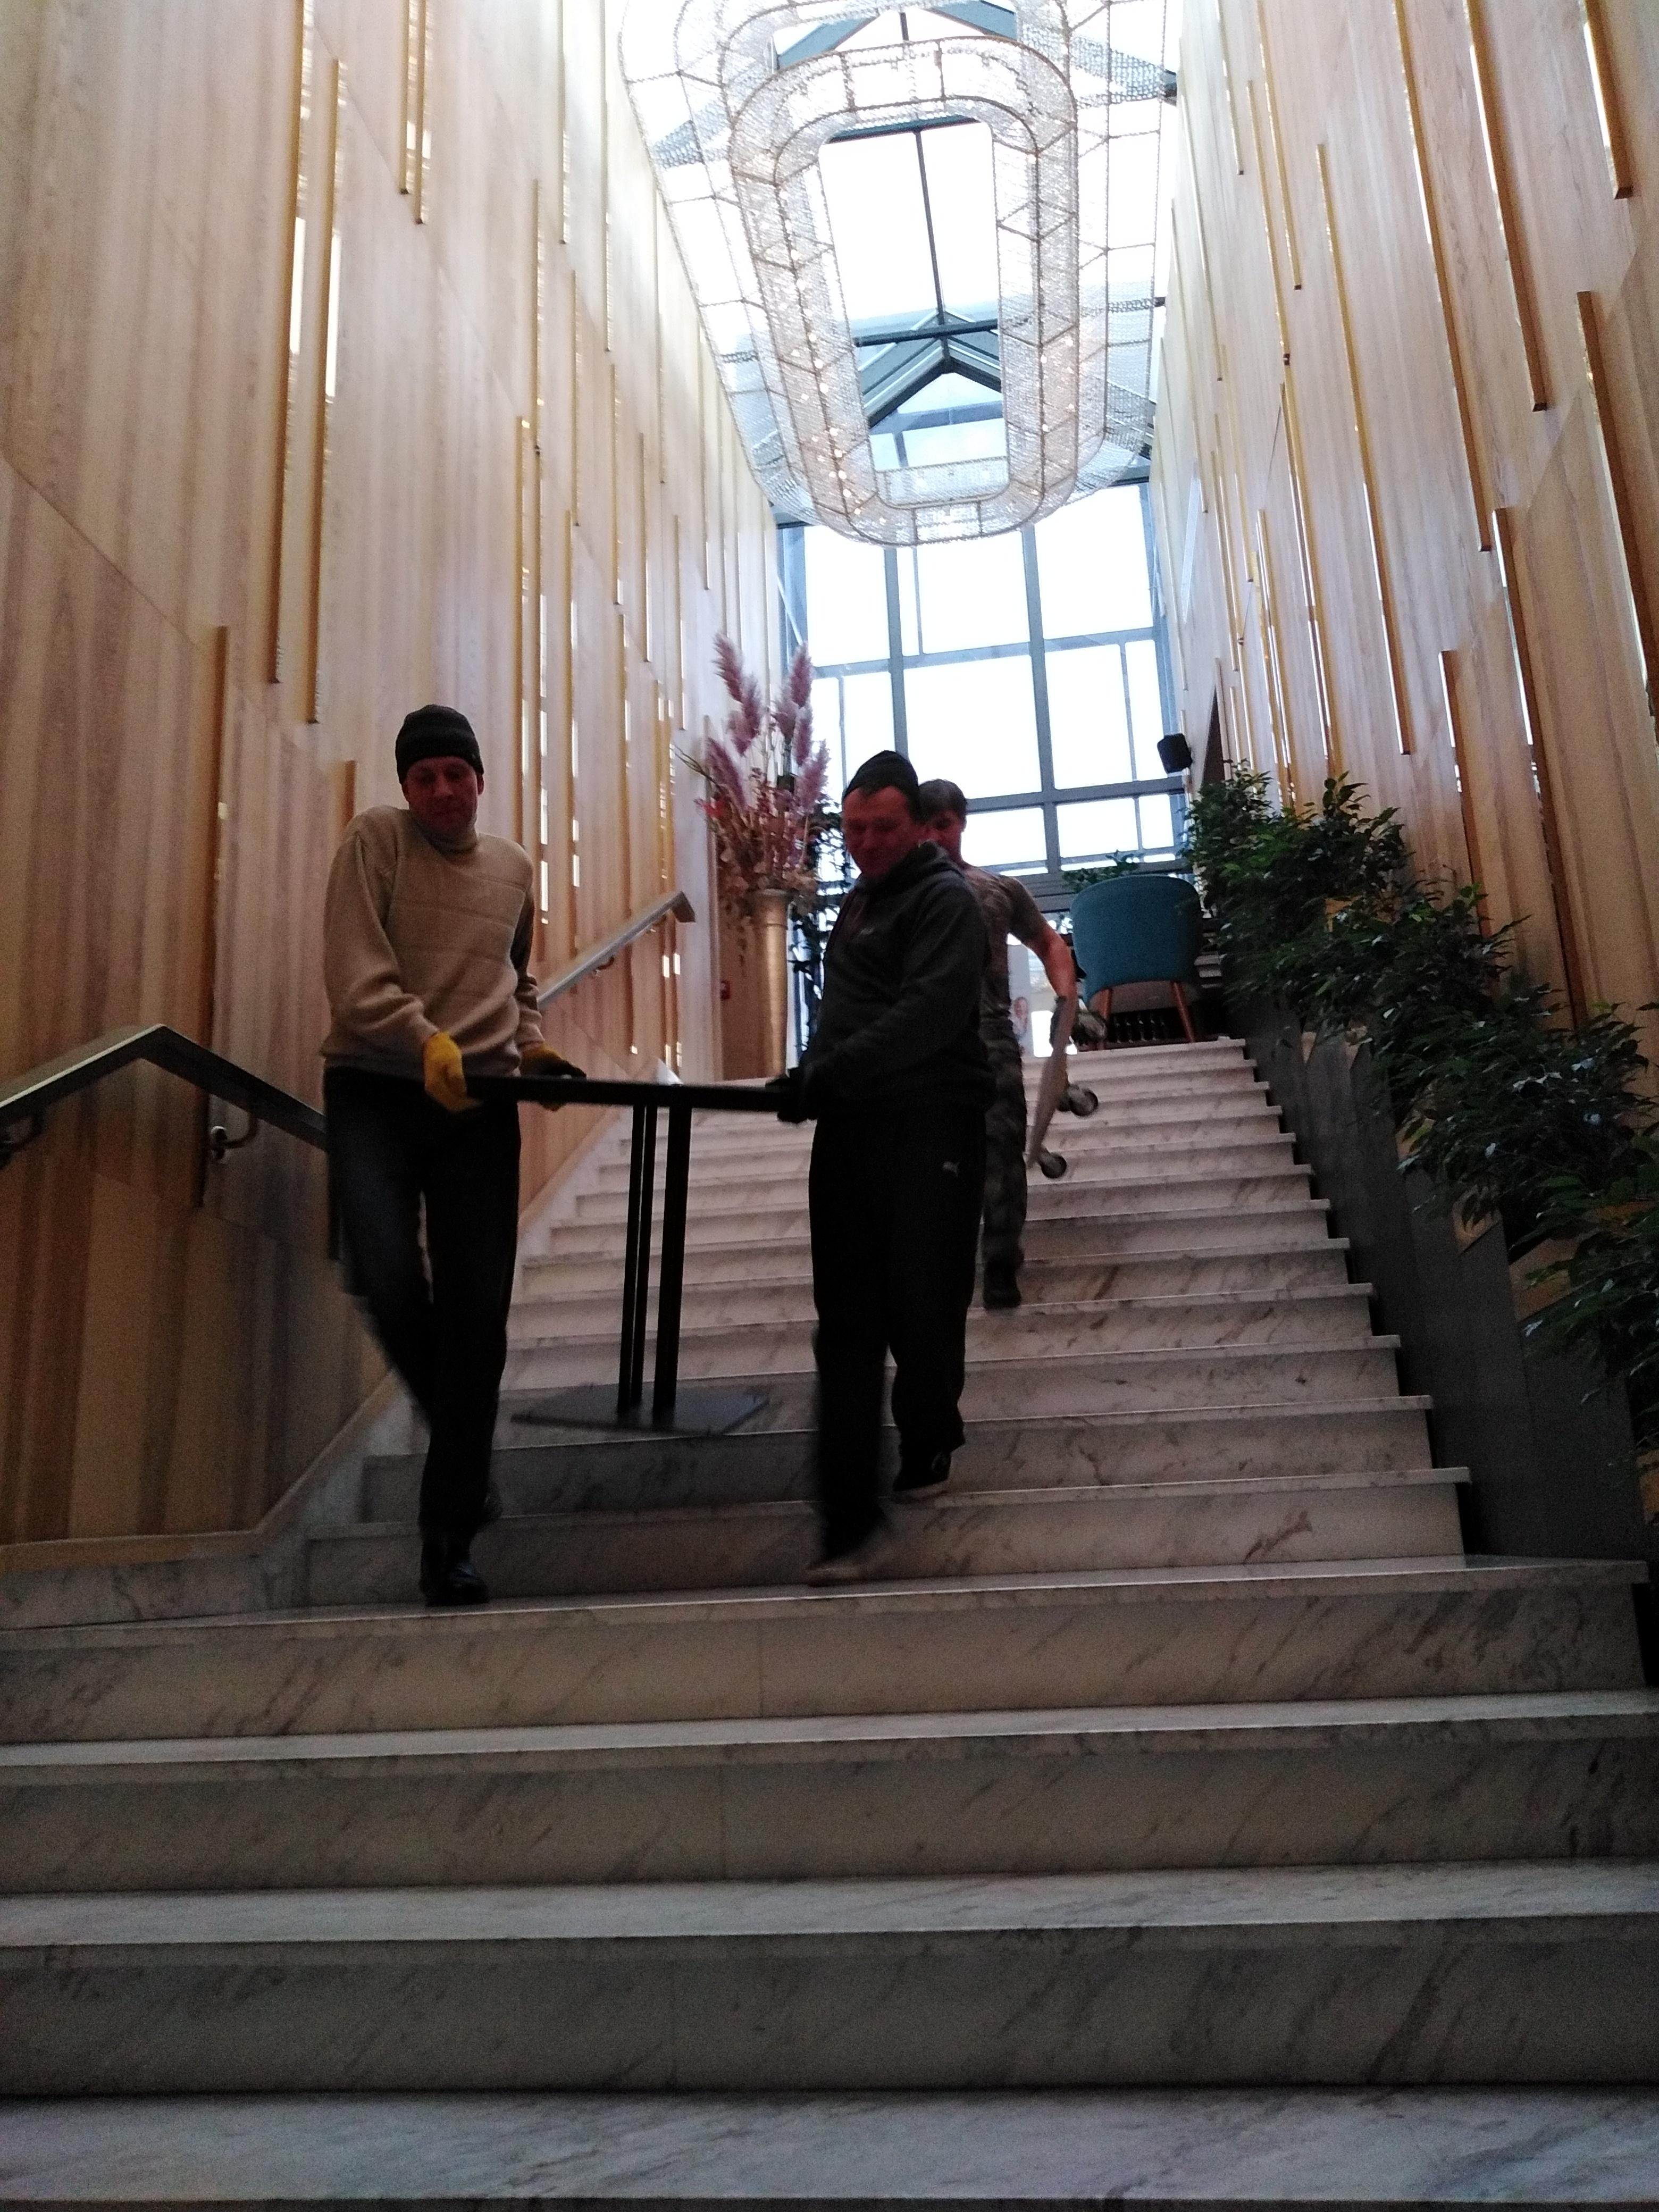 Фото Сном столов вес 60кг один, со второго этажа. Свадебные мероприятия. Полное сопровождение грузчиков, разнорабочих